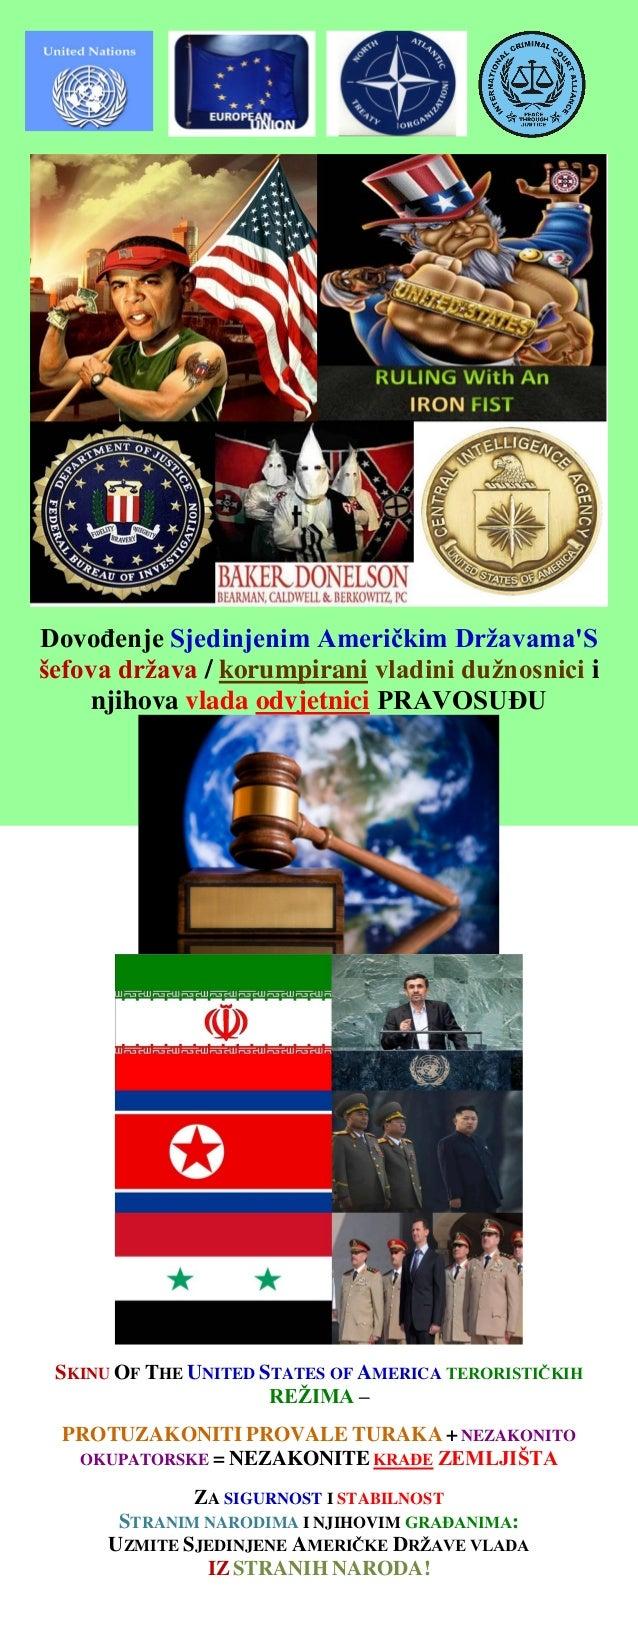 Dovođenje Sjedinjenim Američkim Državama'S šefova država / korumpirani vladini dužnosnici i njihova vlada odvjetnici PRAVO...